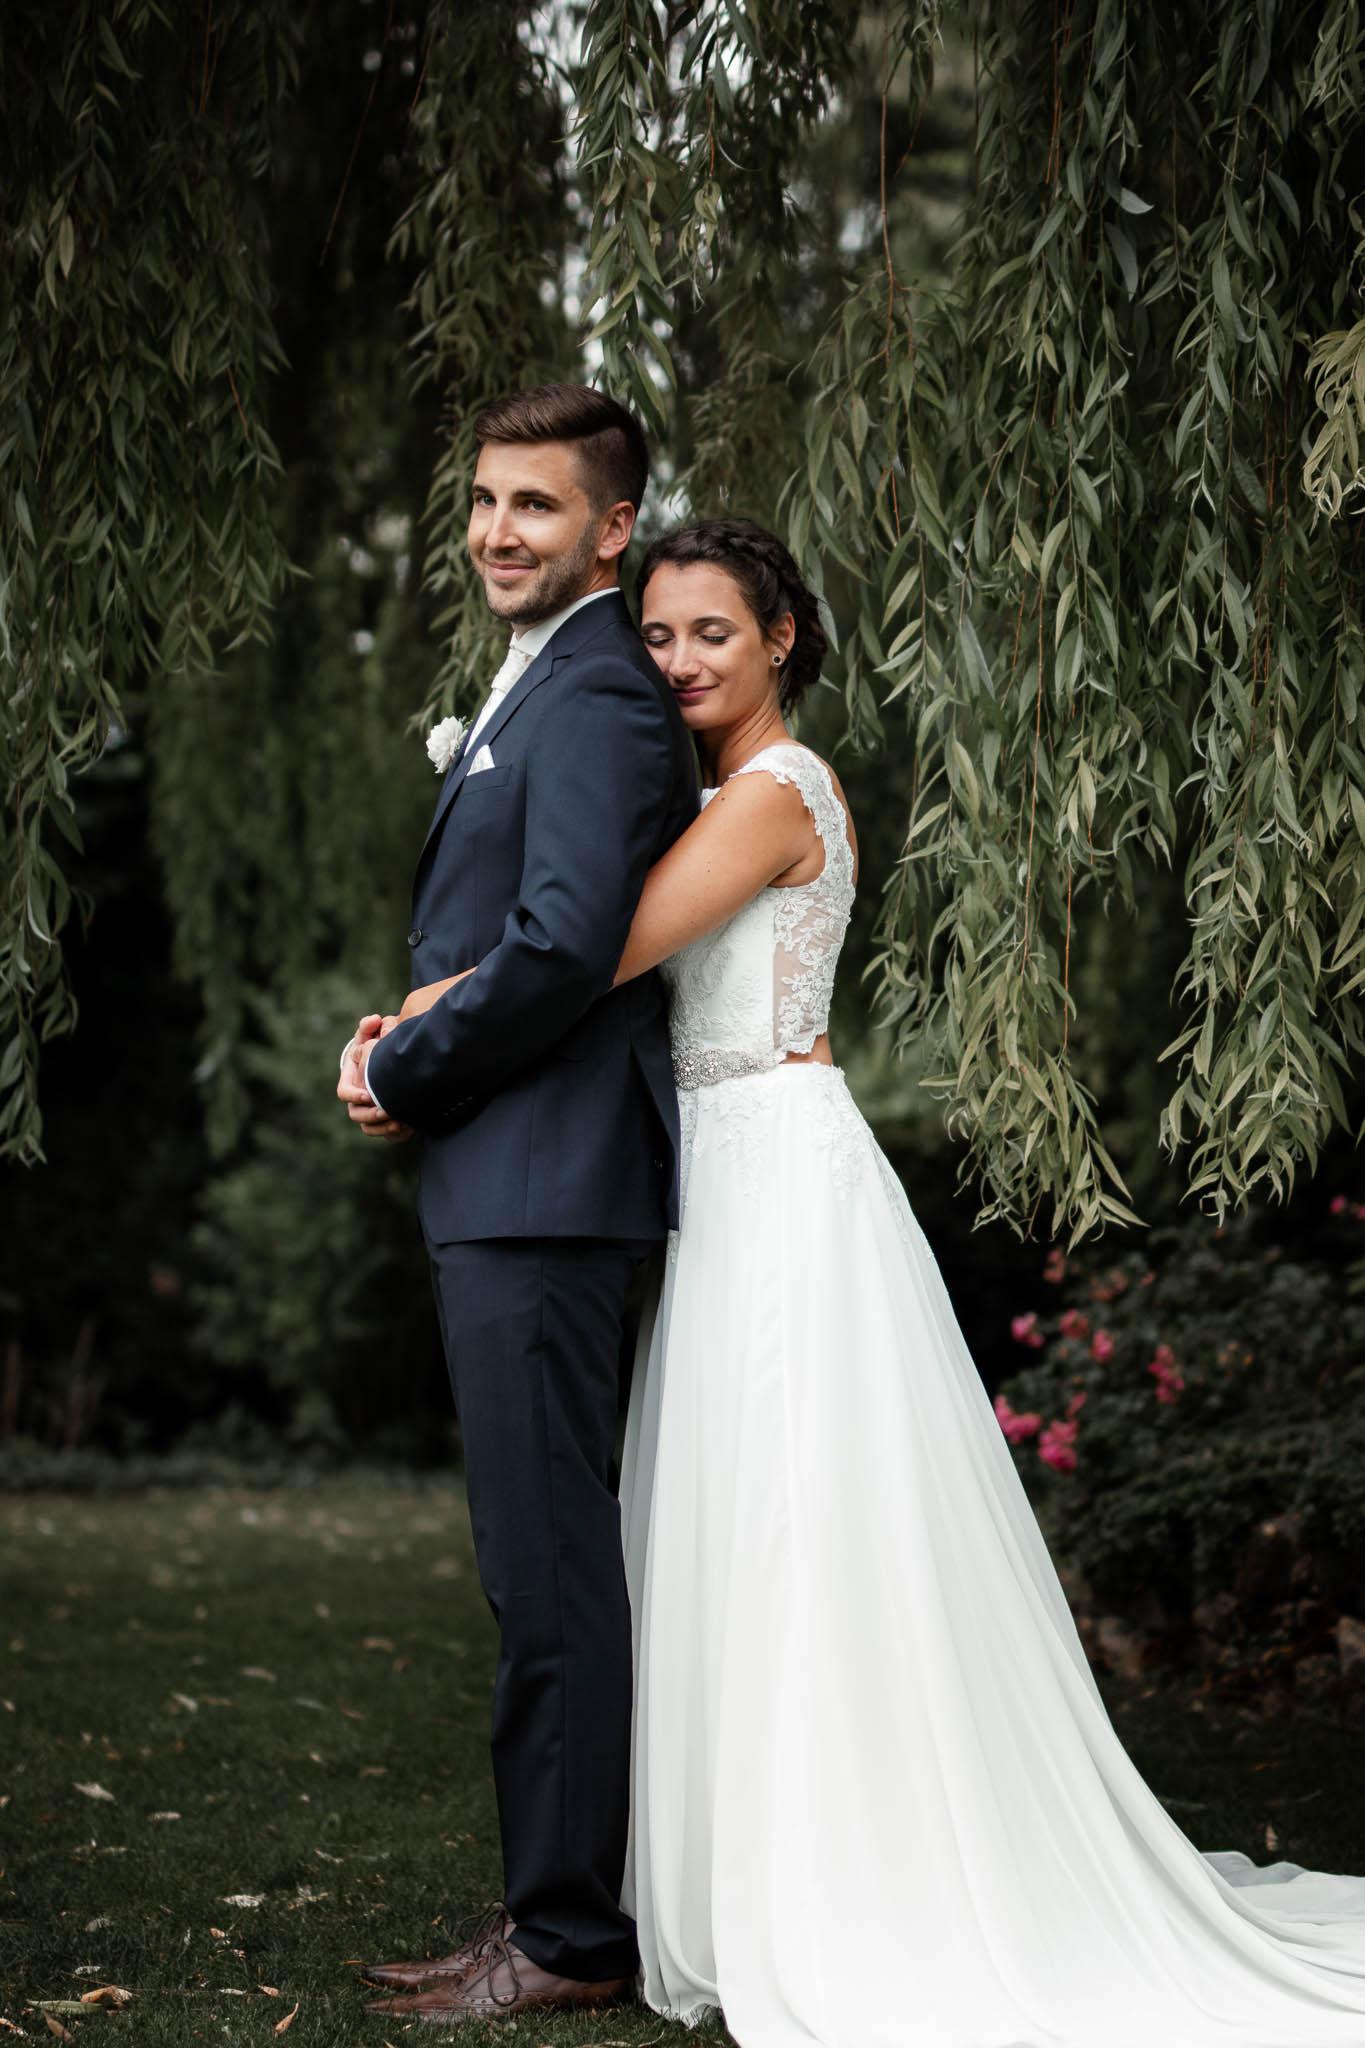 Hochzeitsfotograf Monzernheim: freie Trauung von Sarah & Patrick 47